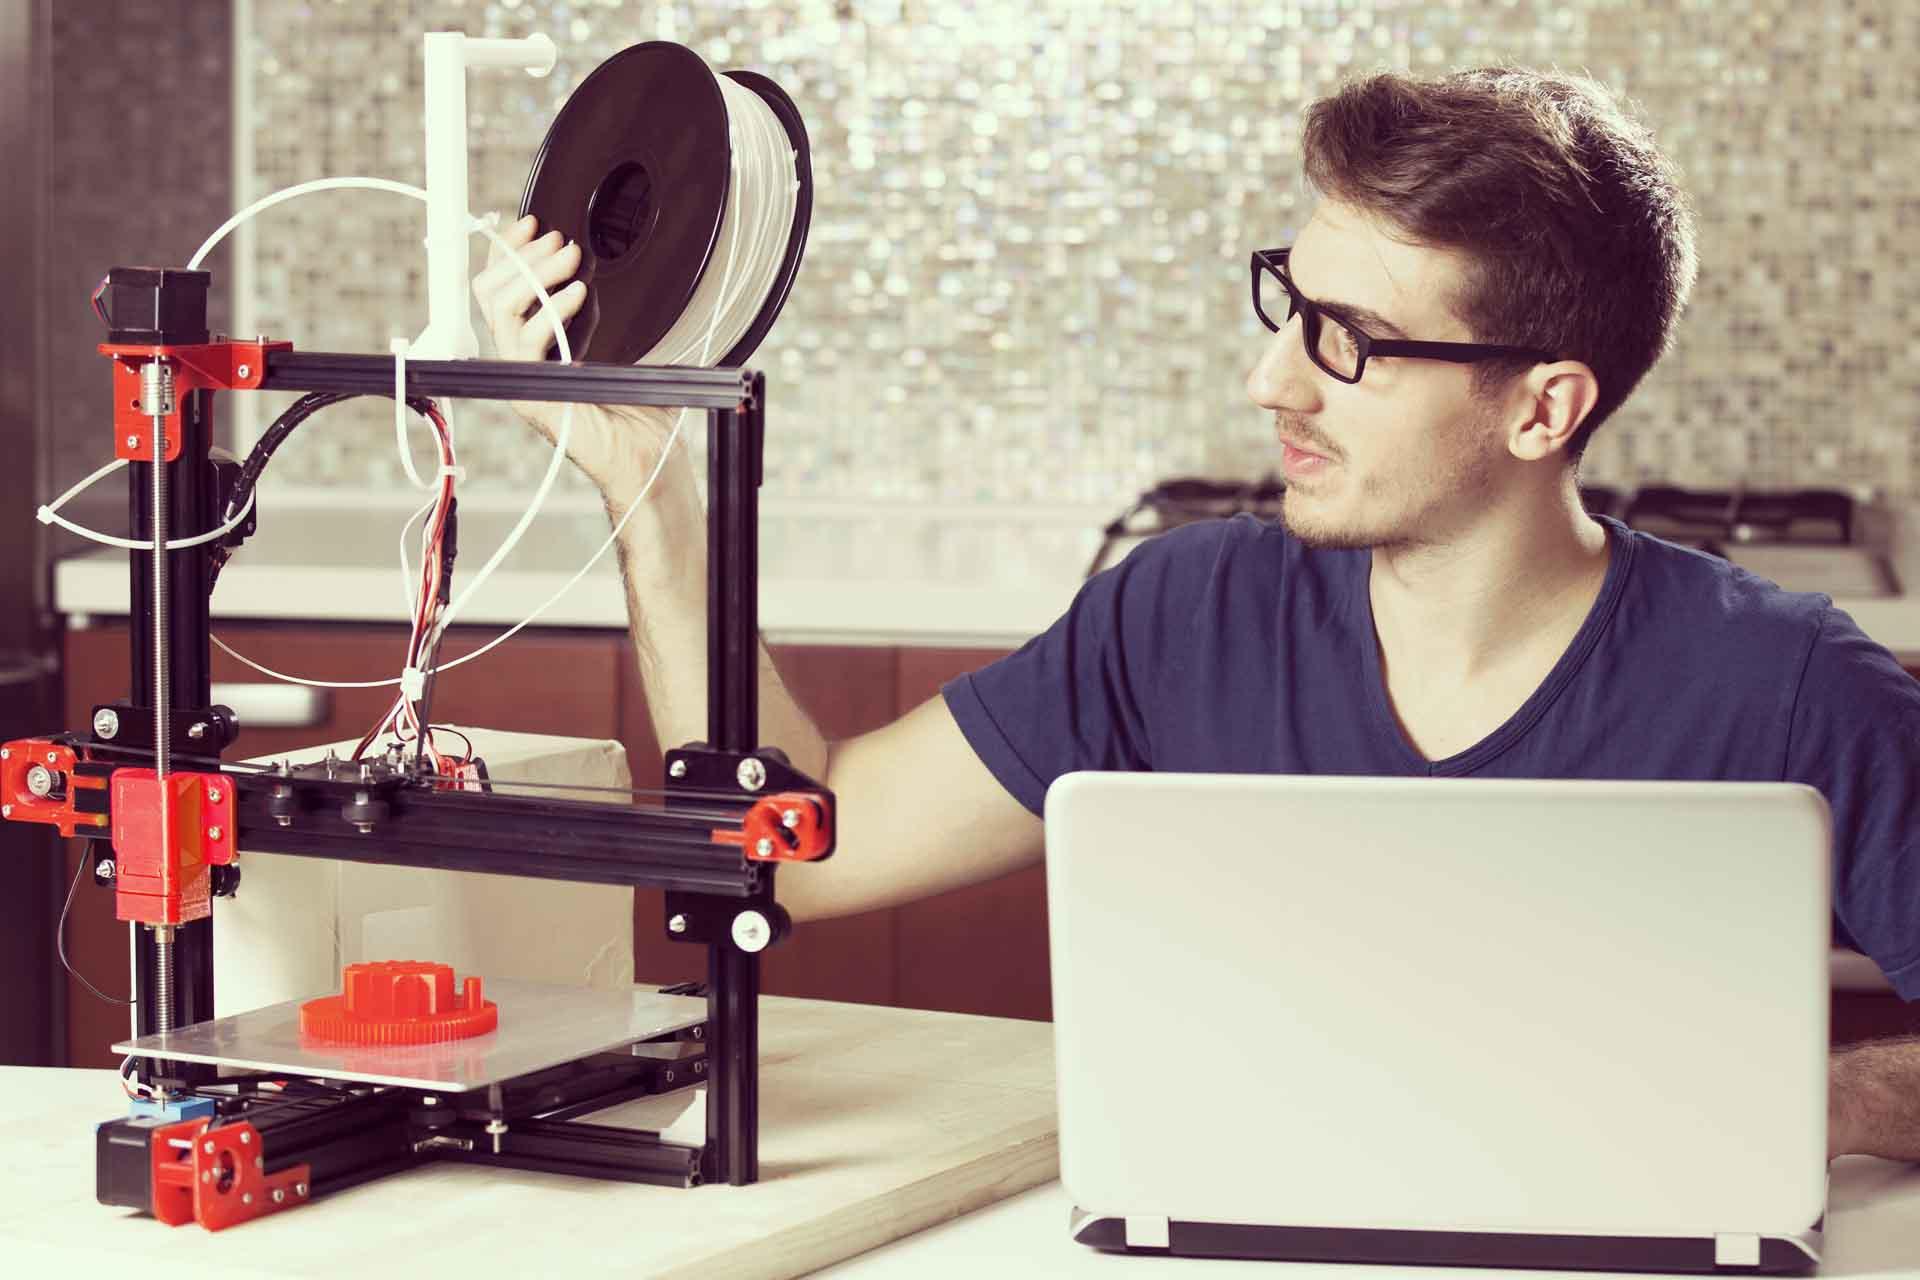 6 proyectos increíbles de la impresión 3D para hacer en casa